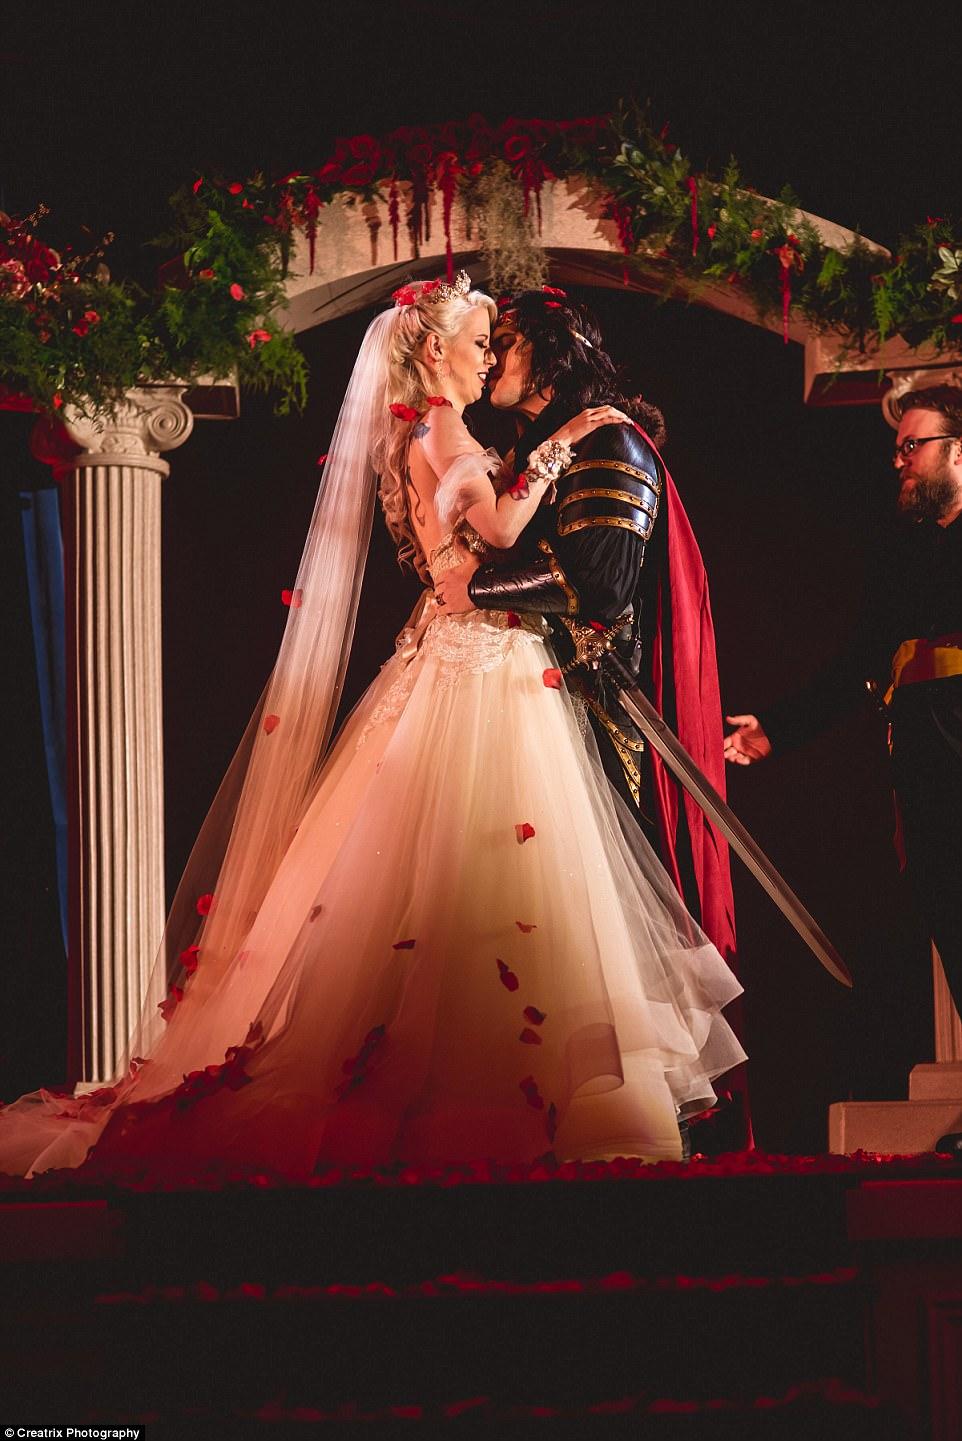 И смерть не разлучит: пара, помешанная на вампирах, устроила свадьбу за 120 тысяч долларов (28 фото)